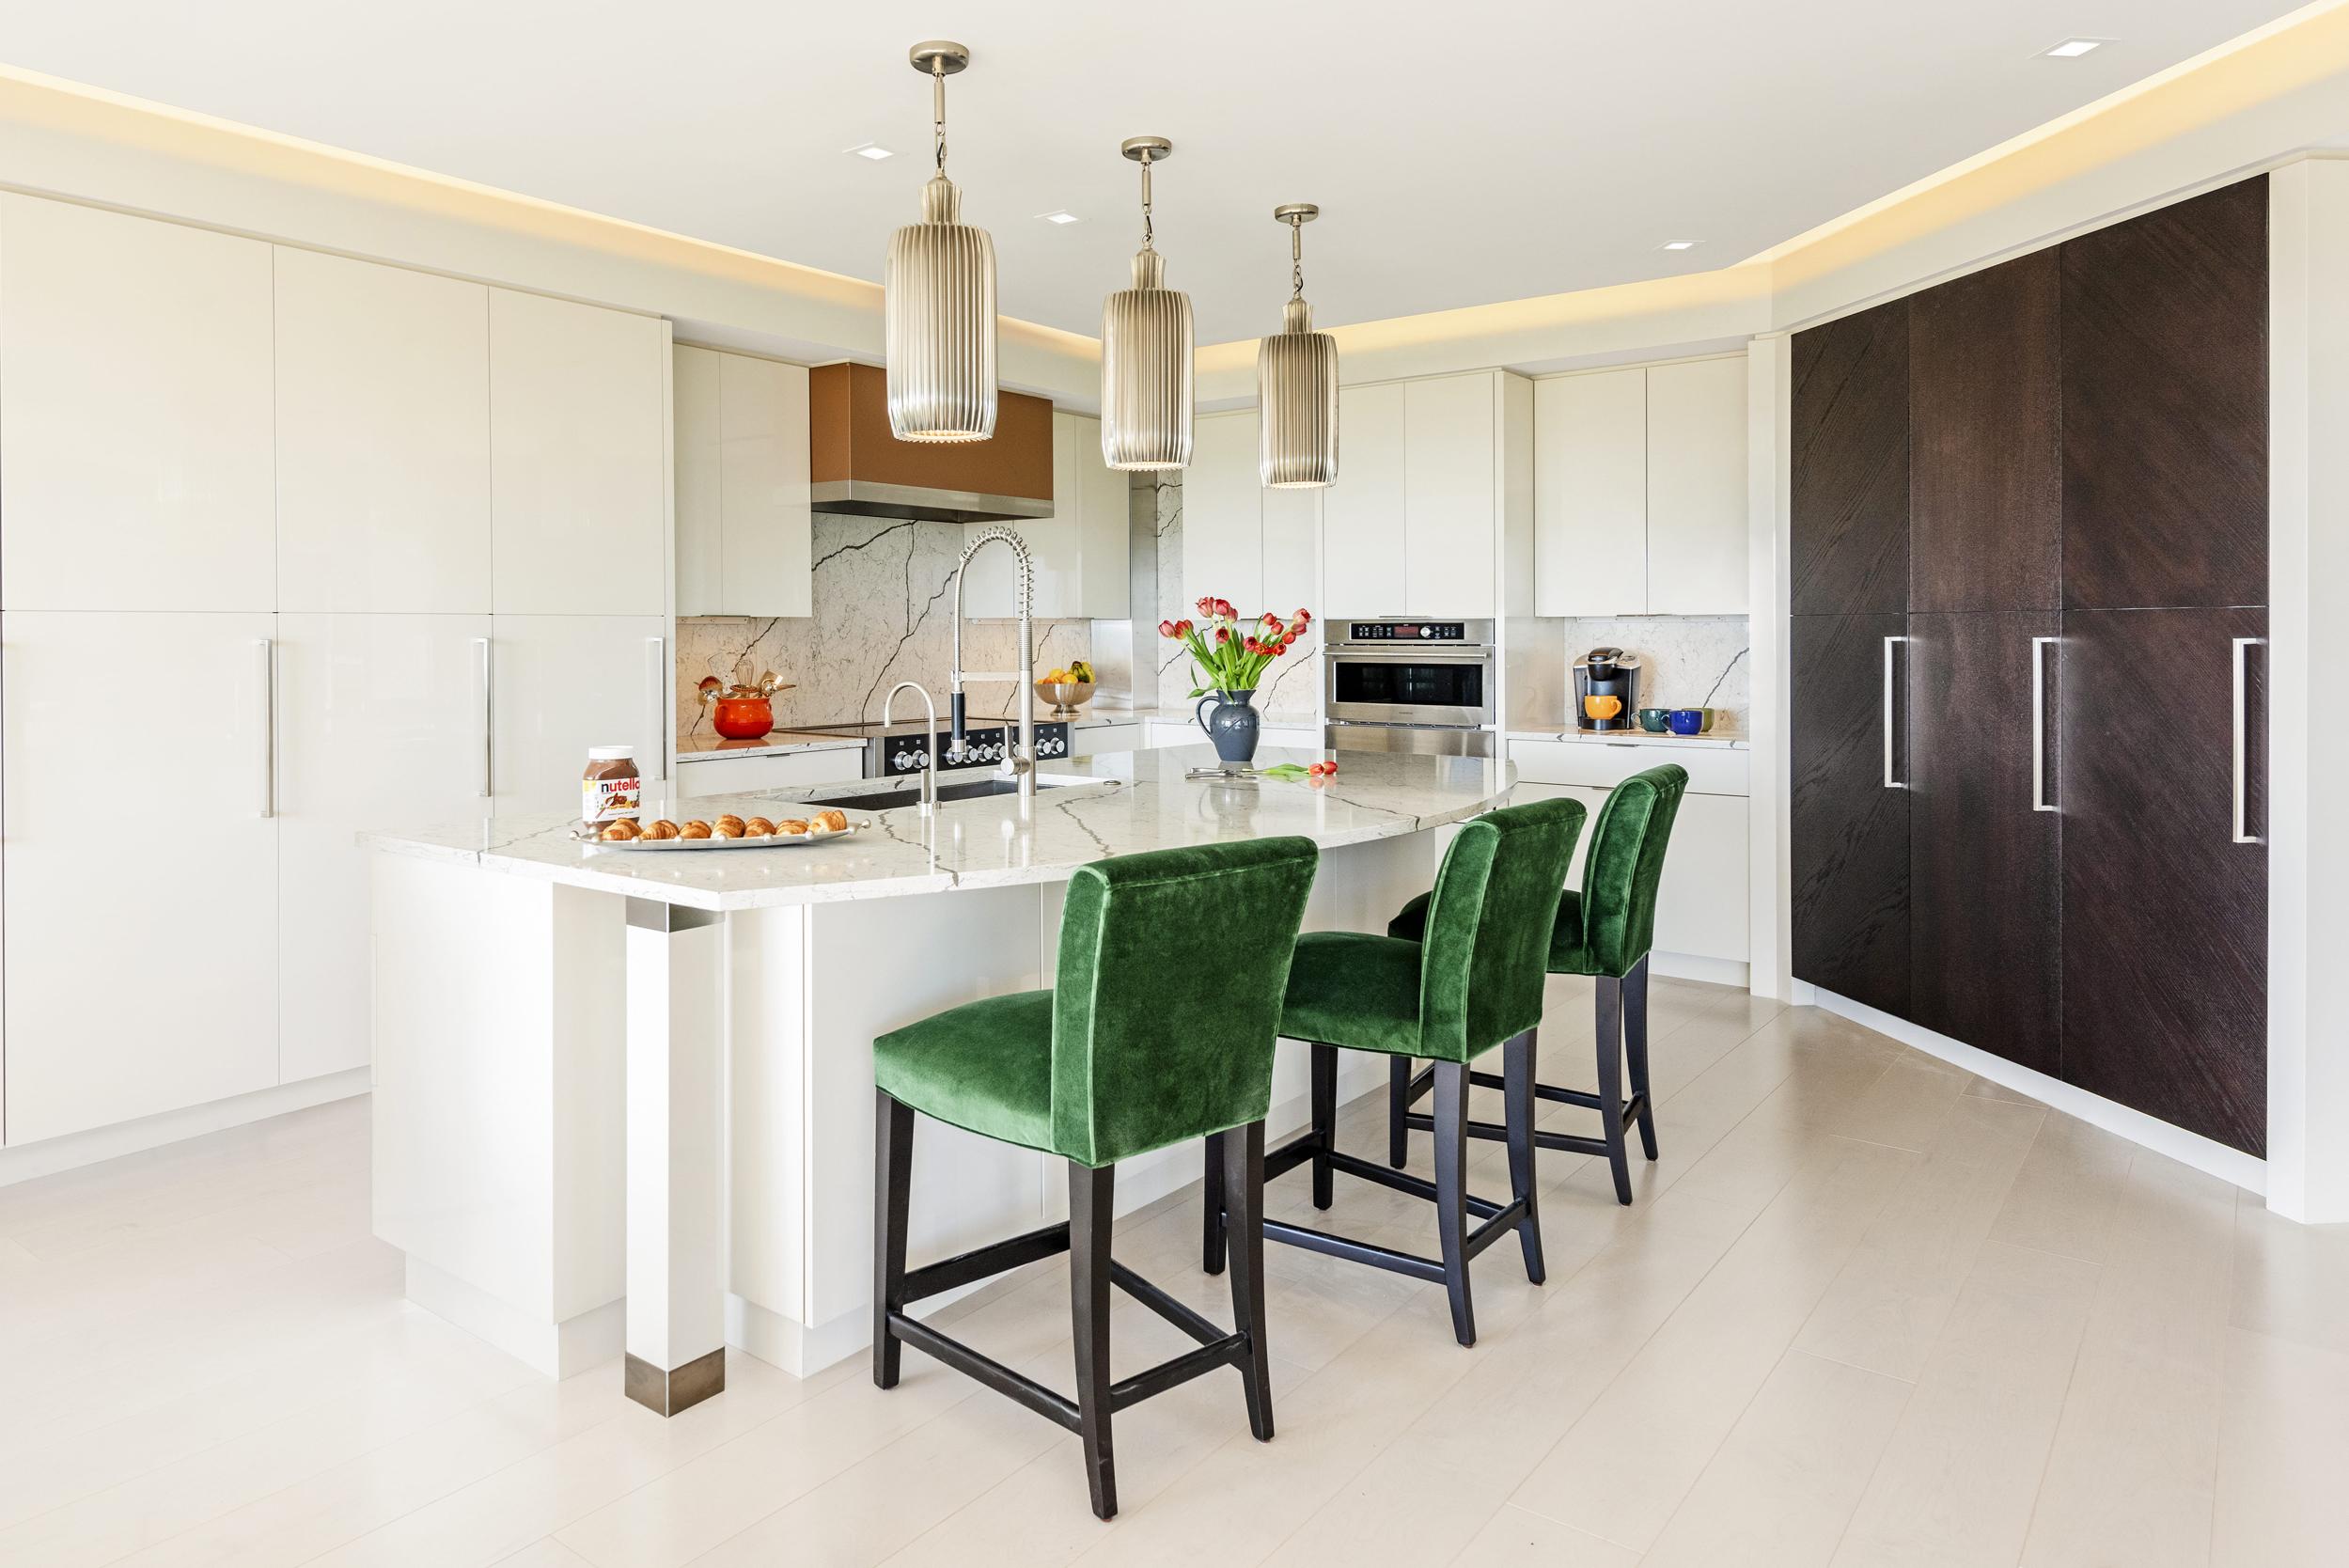 White Kitchen Green Bar Stools